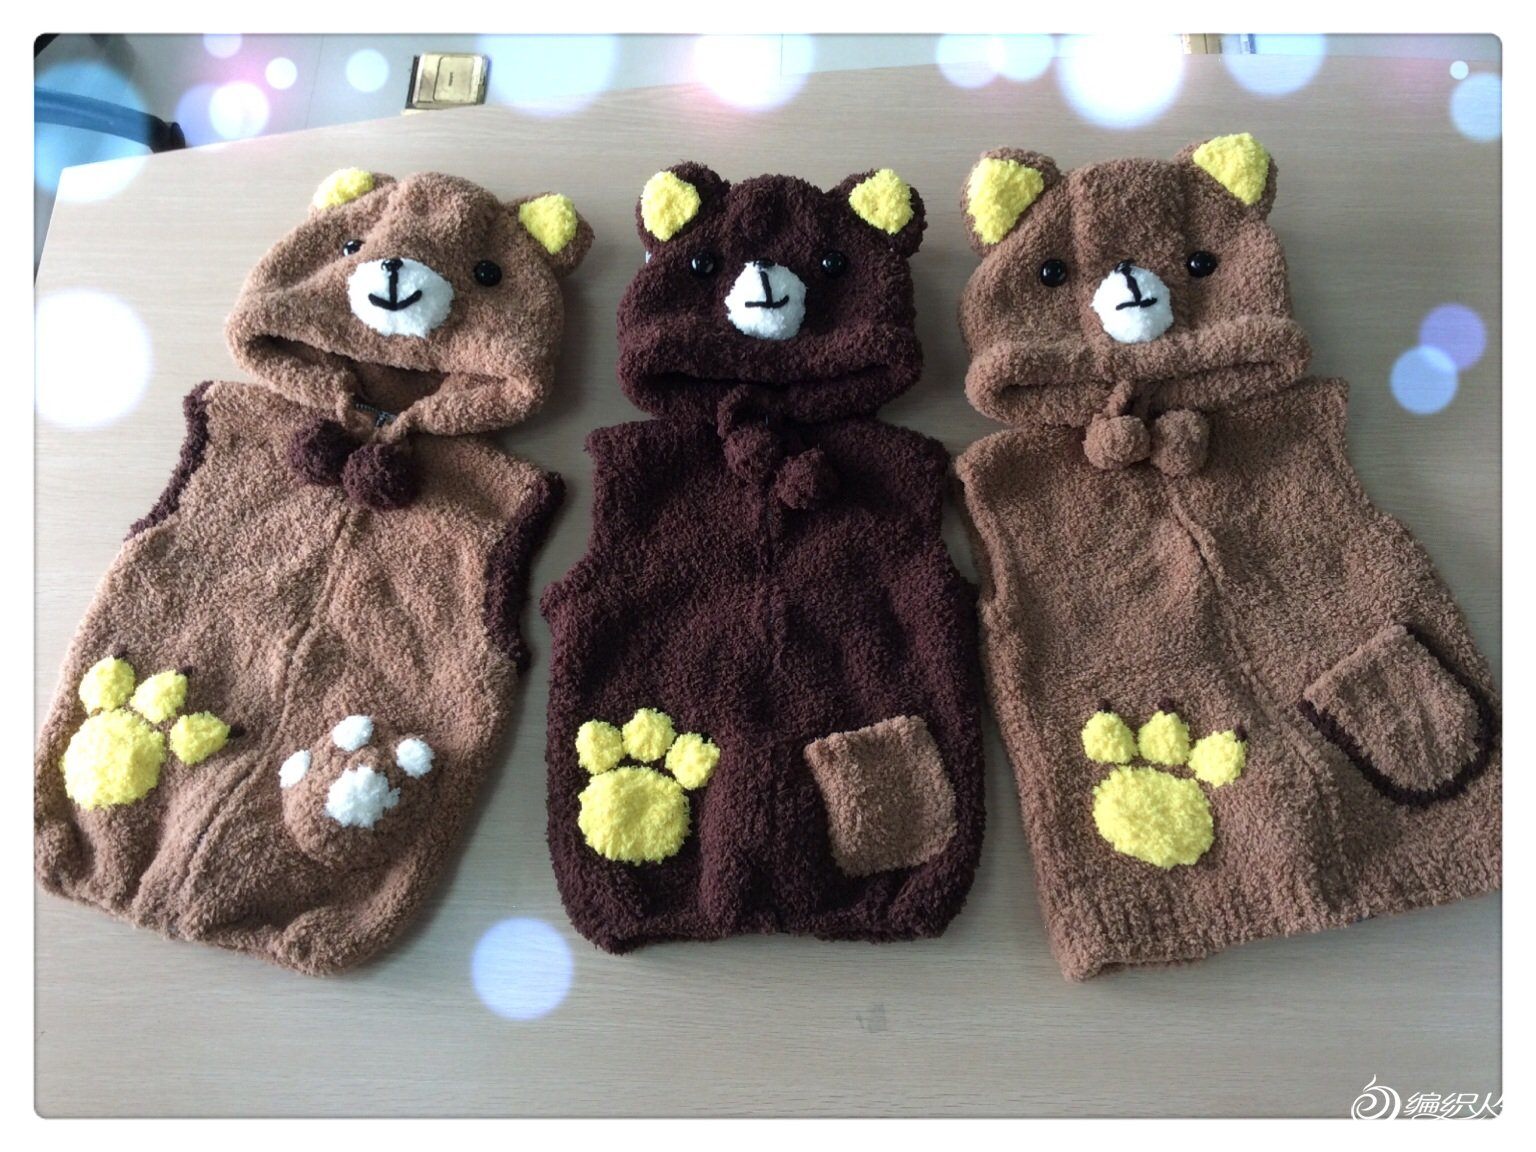 终于仿制+自己设计完成了3件不同配色可爱的小熊马夹,虽然编织过程有